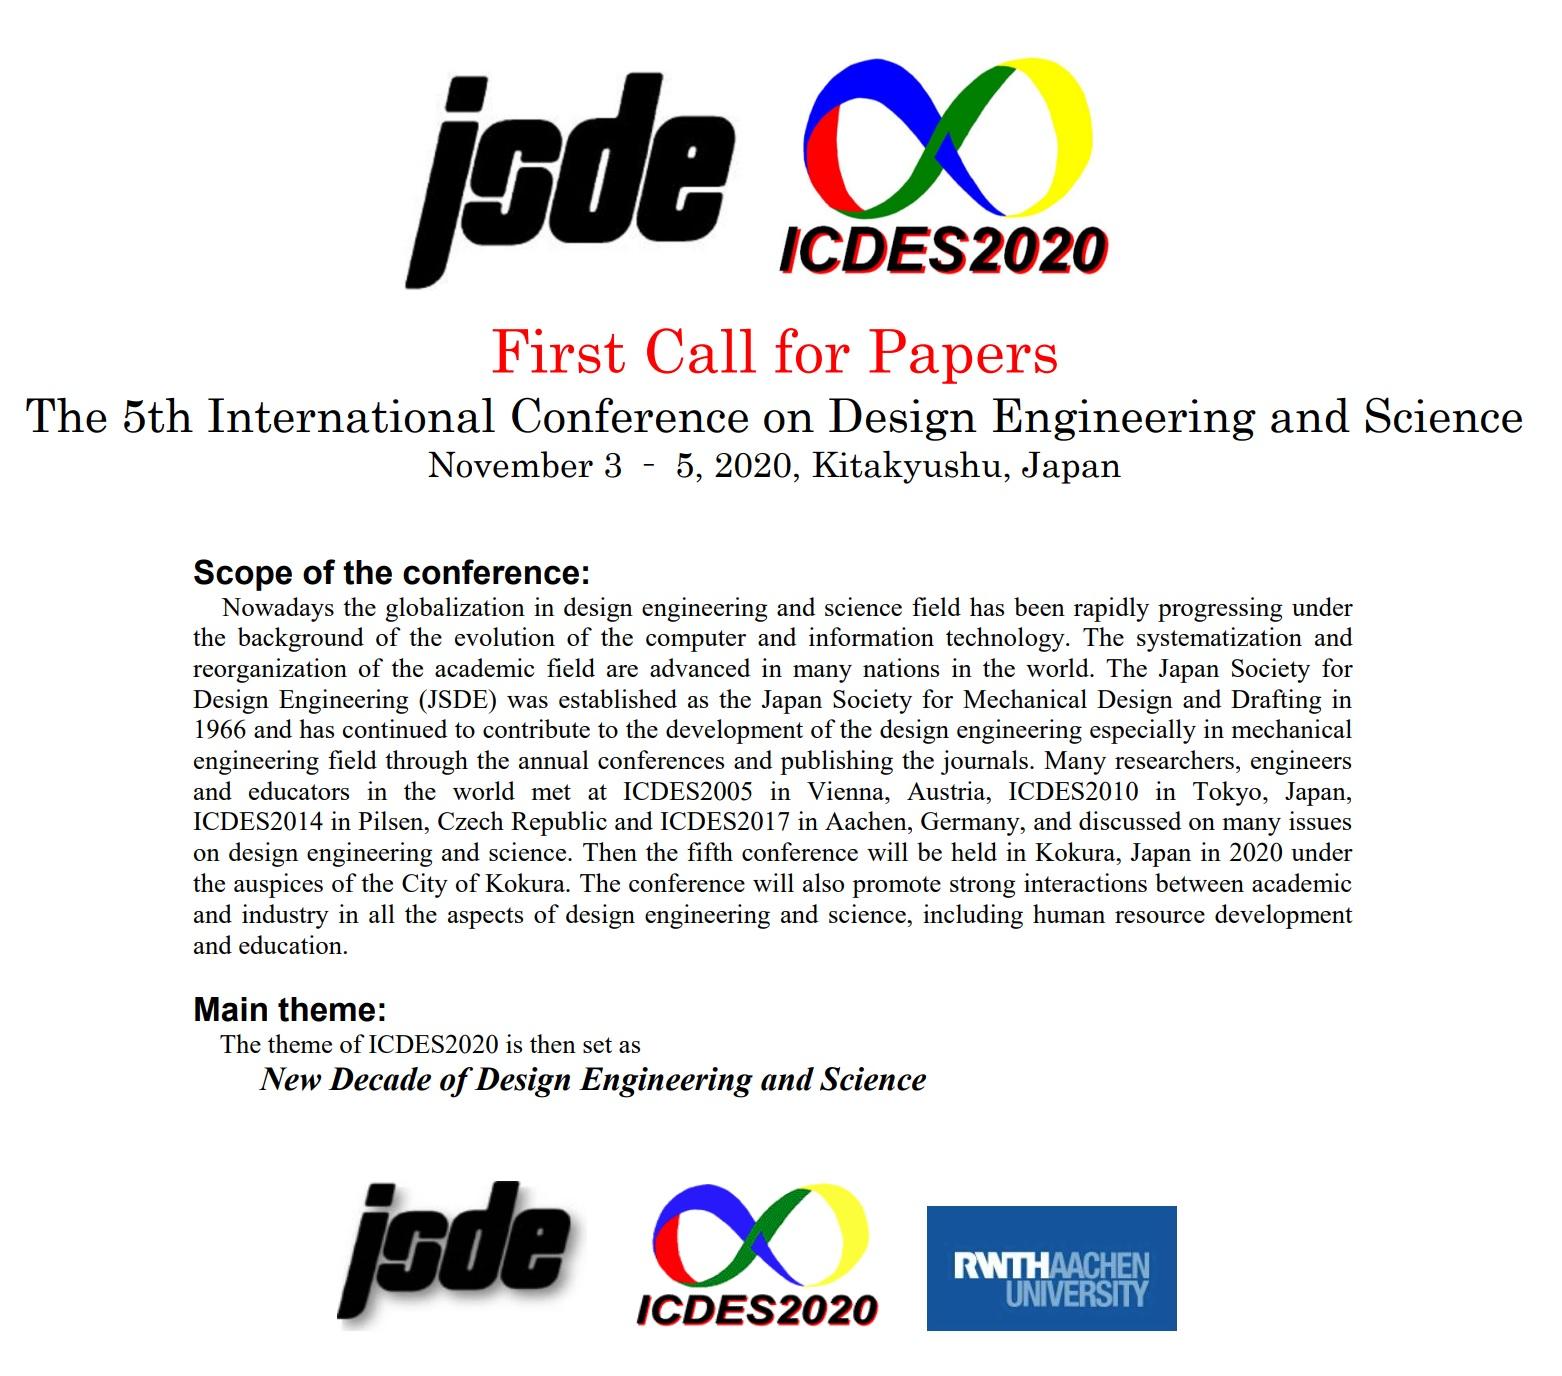 ICDES 2020